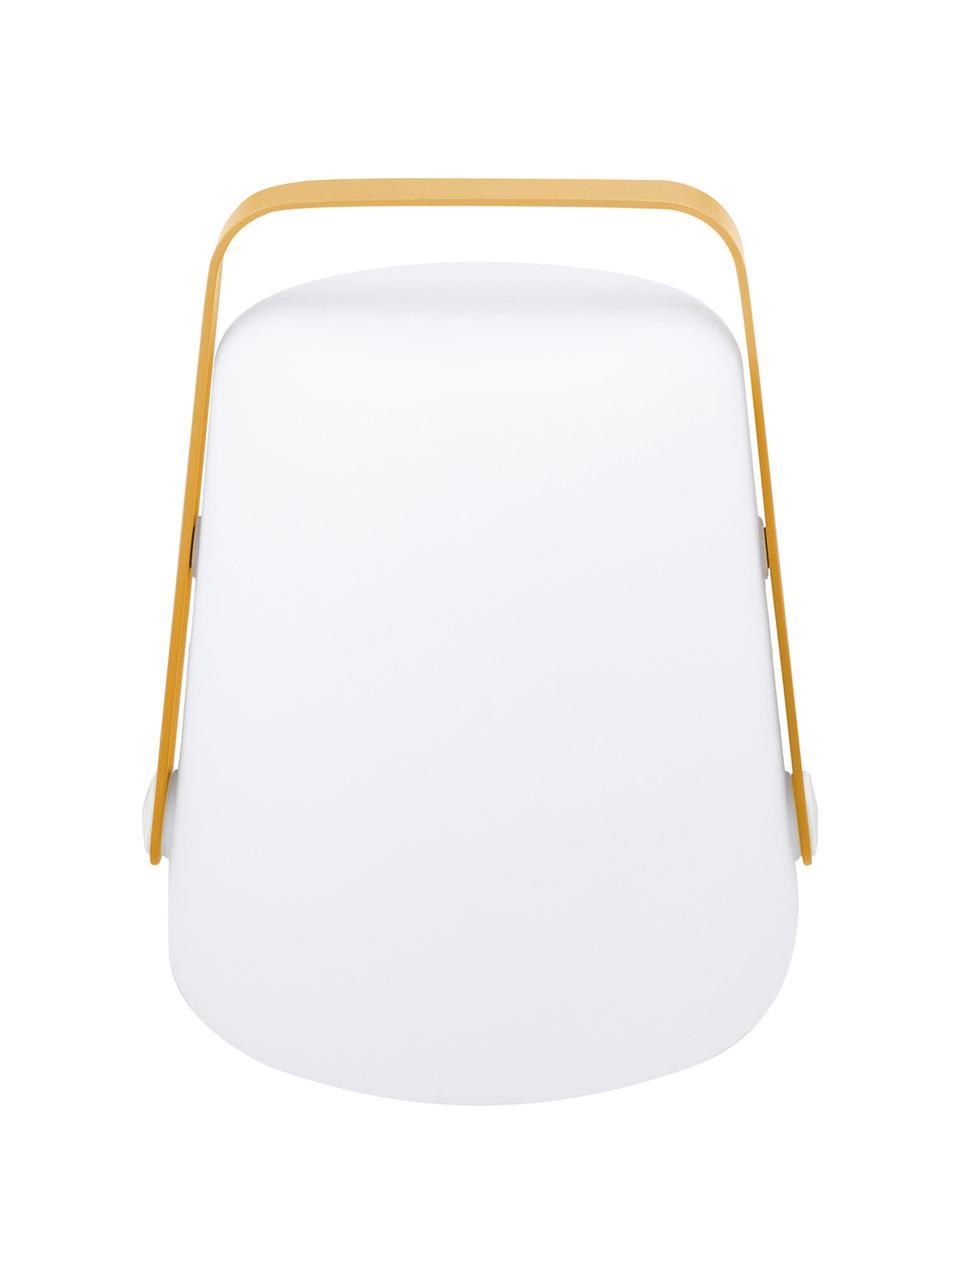 Mobile Dimmbare Außentischlampe Balad, Lampenschirm: Polyethen, für den Außenb, Griff: Aluminium, lackiert, Gelb, Ø 19 x H 25 cm